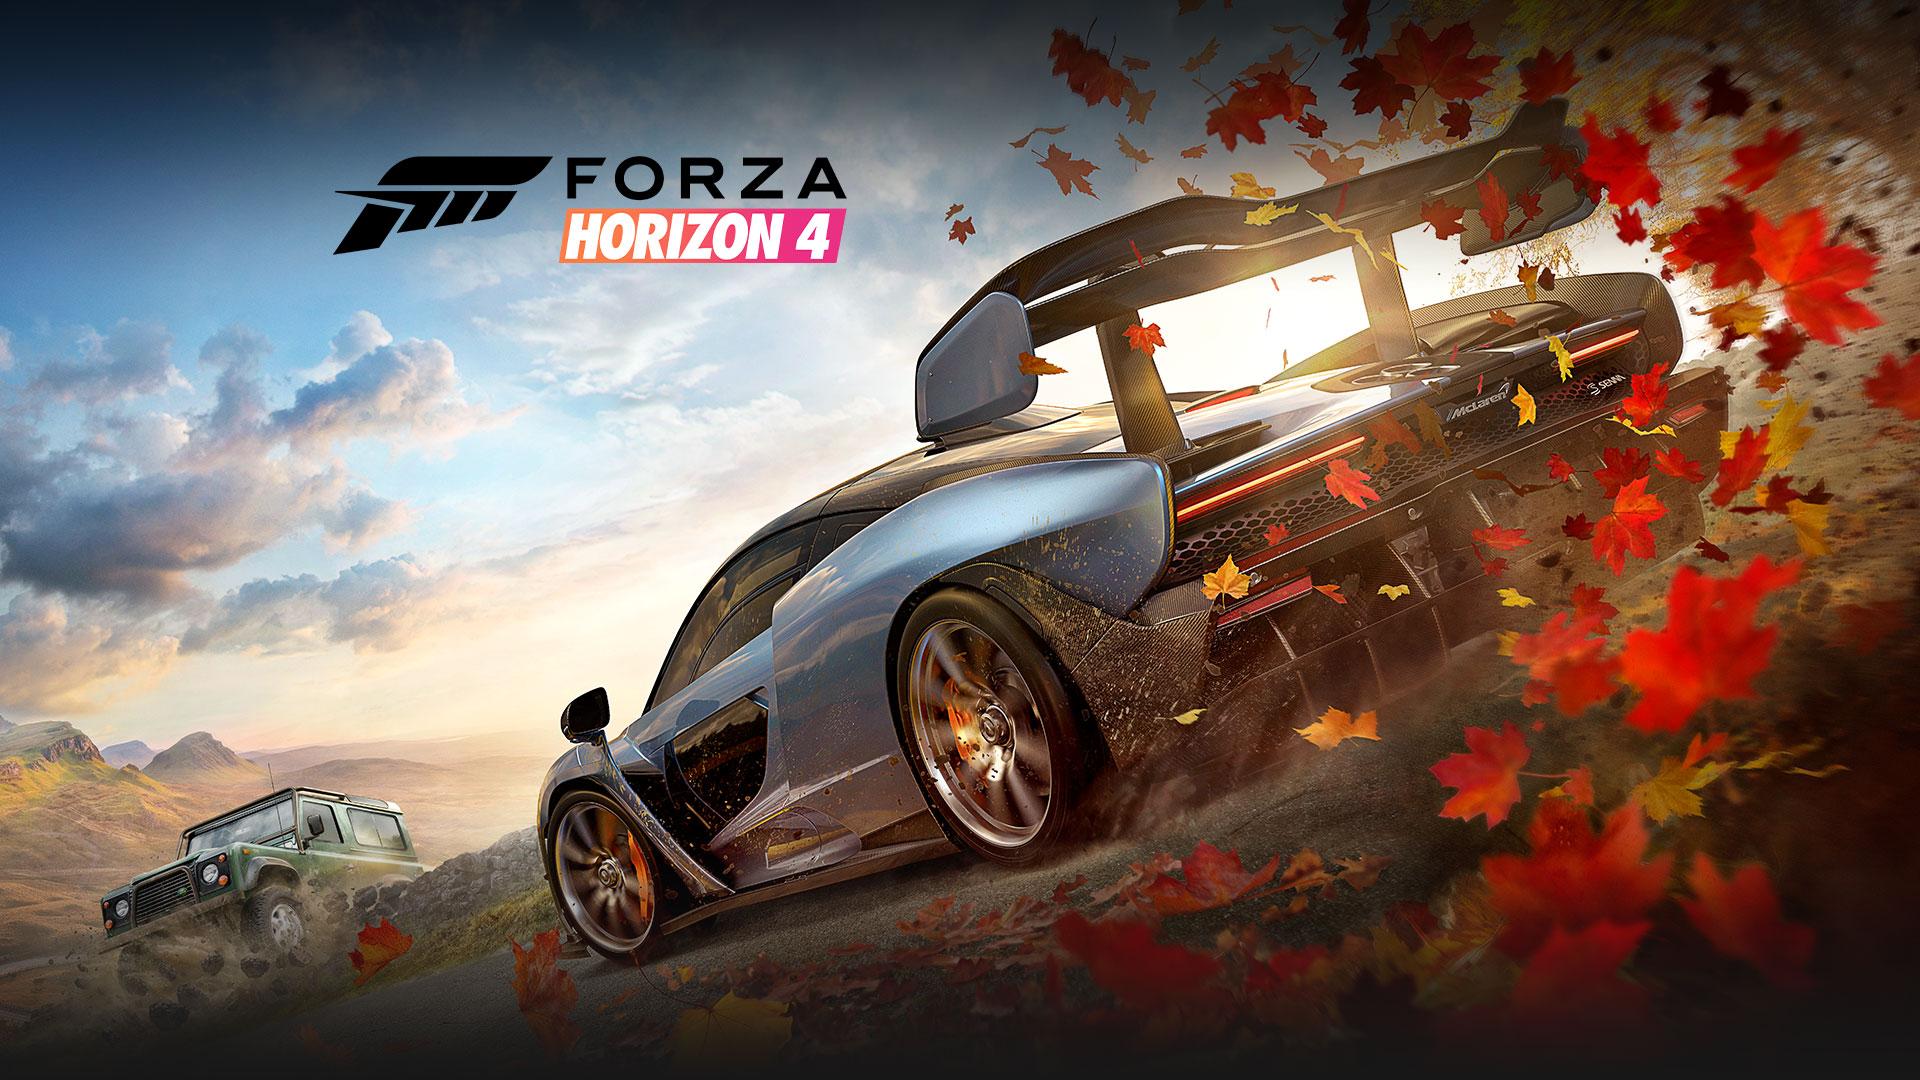 Forza Horizon 4 Free PC Version Free Download Now